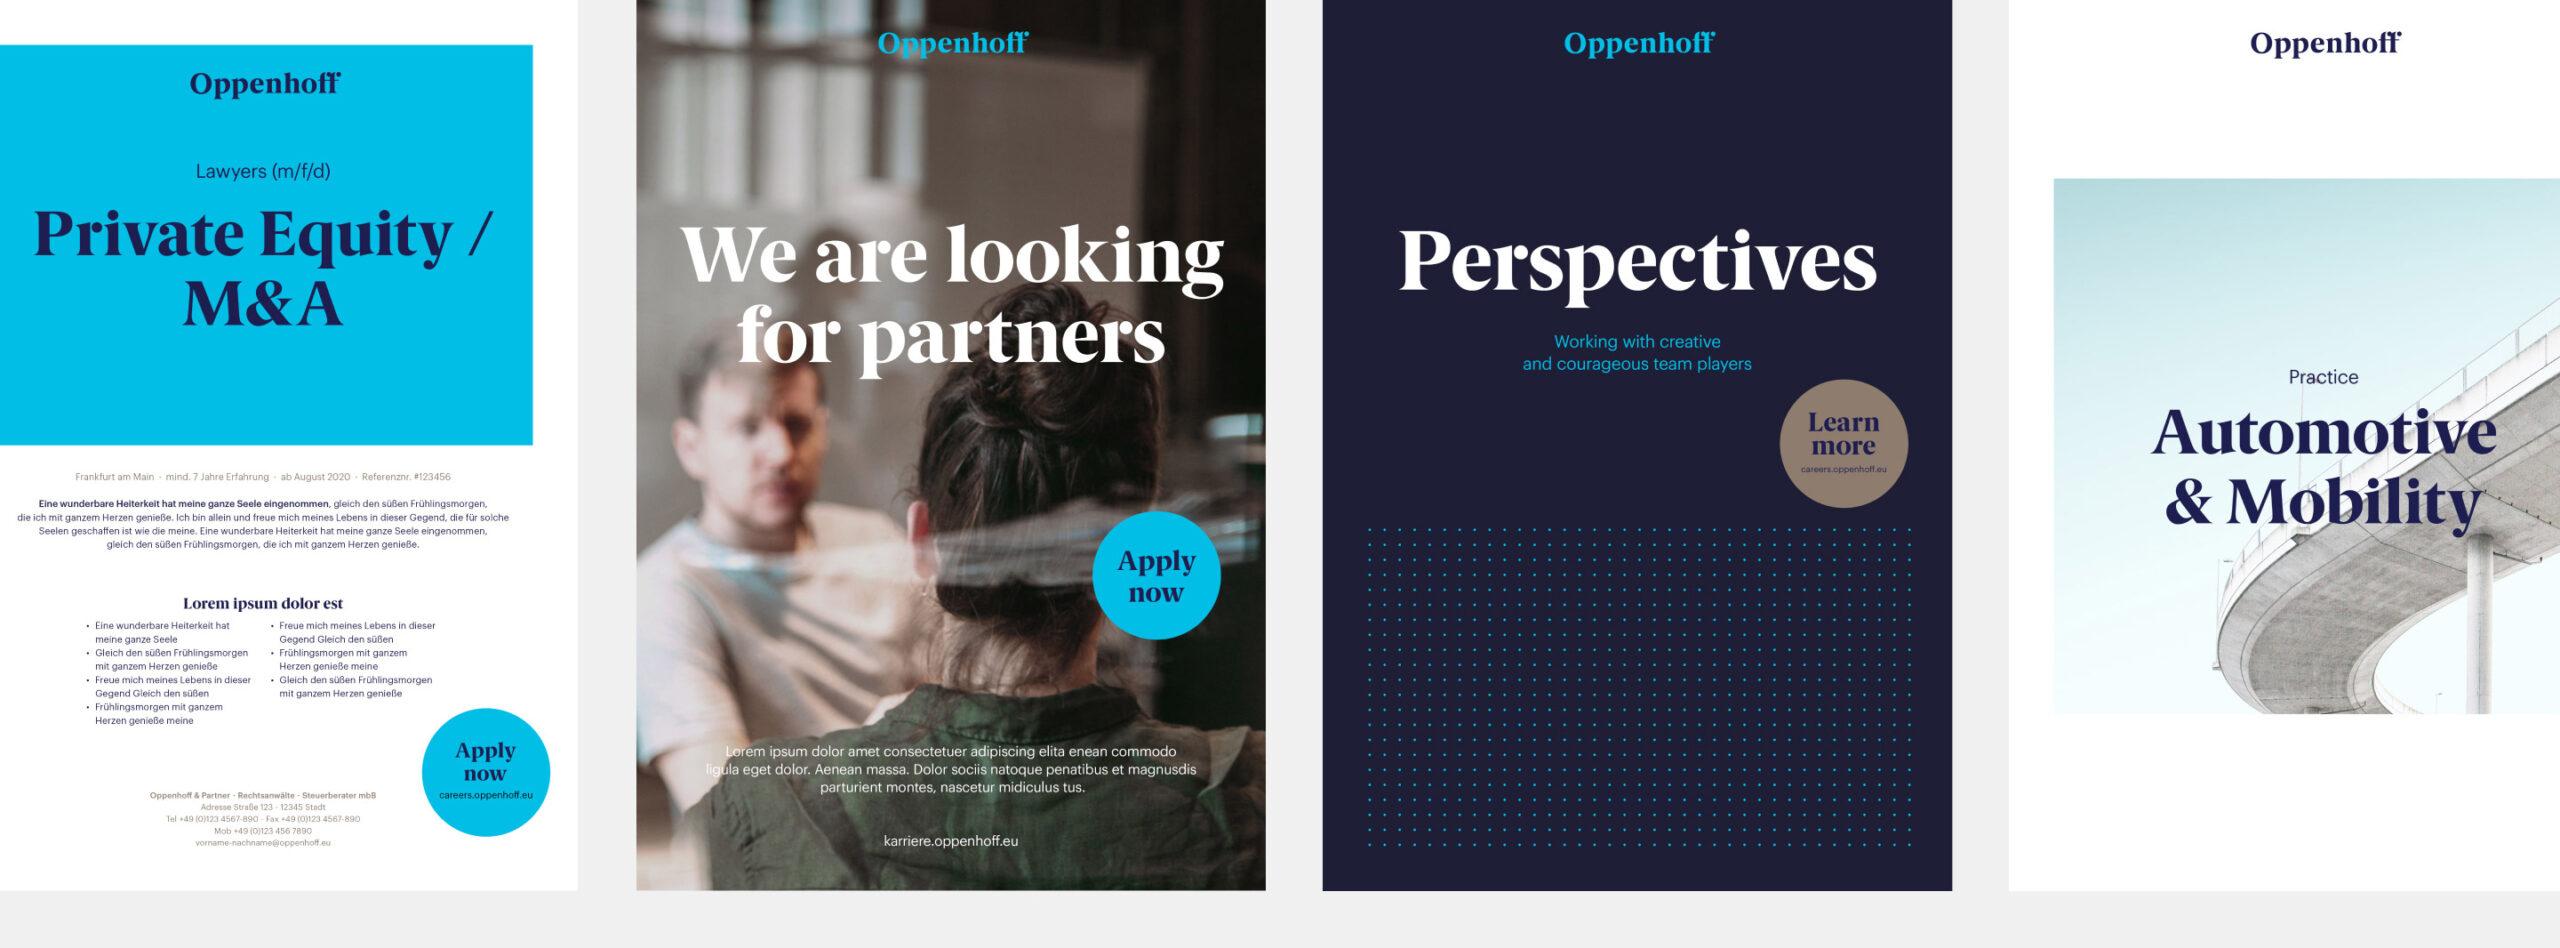 niklaslankenau_work_oppenhoff_branding_13-3